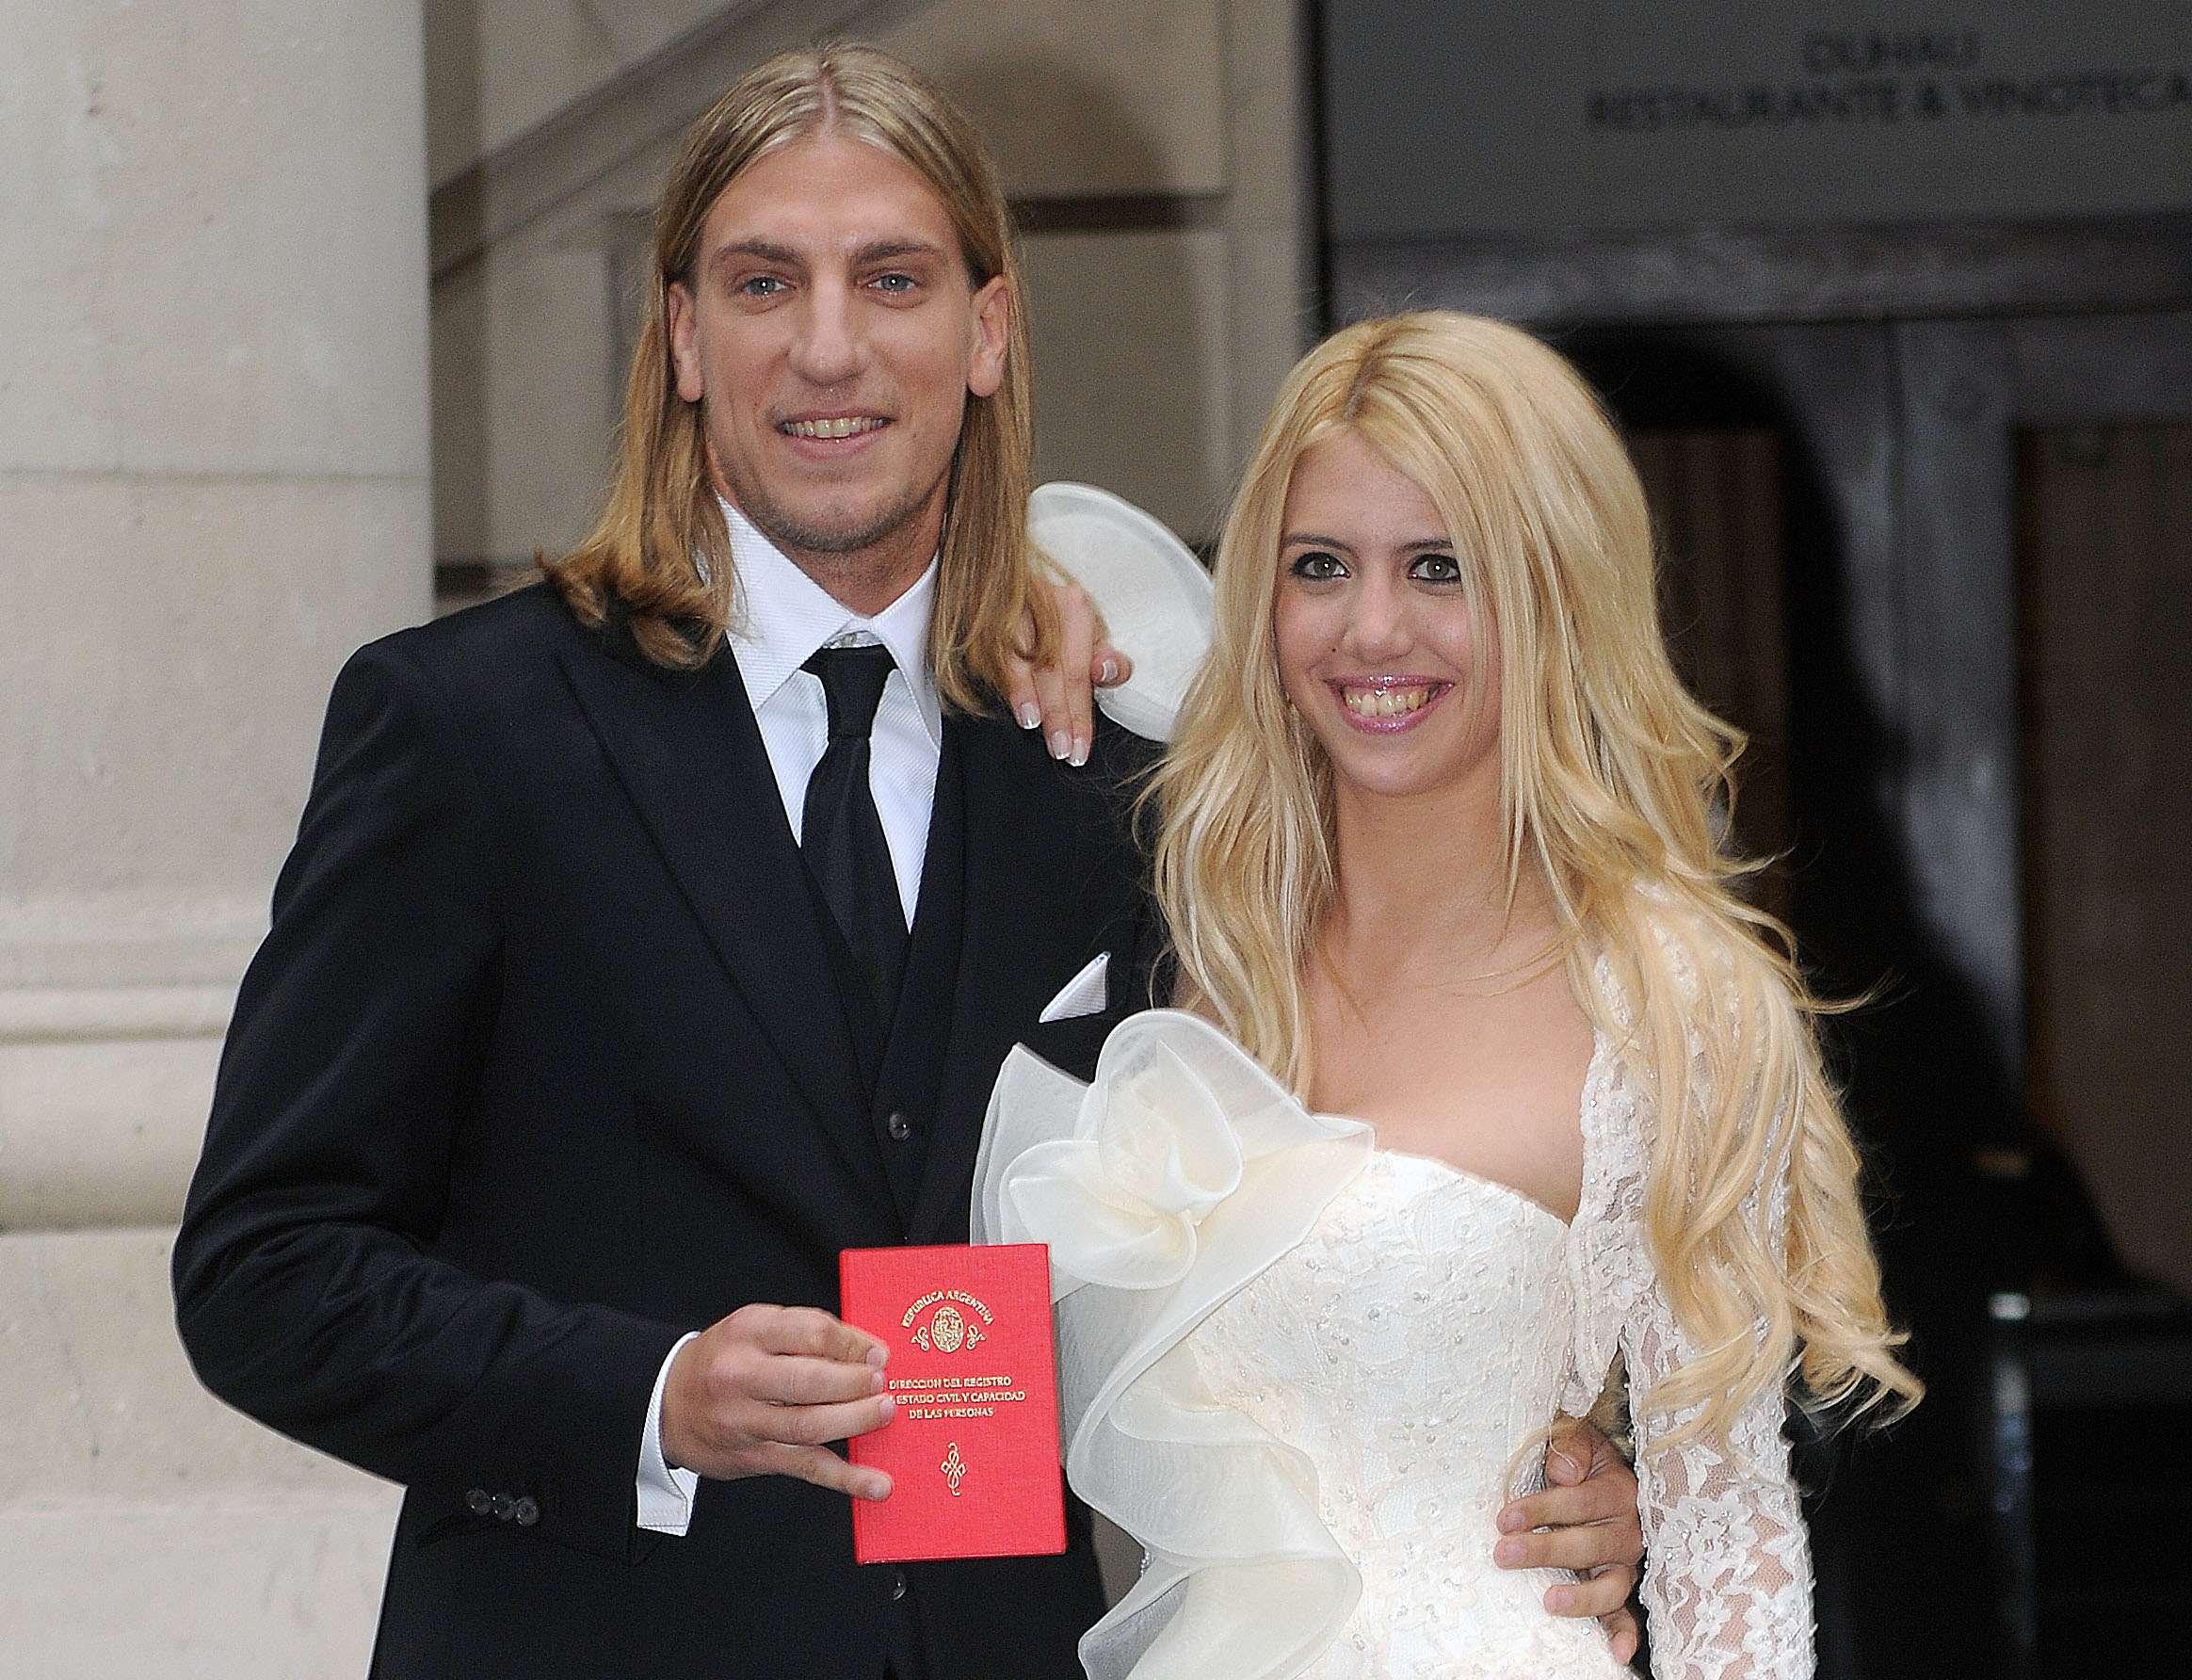 Wanda Nara y Maxi López se casaron el 23 de mayo de 2008. Tuvieron tres hijos. Después, se separaron tras un escandaloso divorcio. Foto: NA